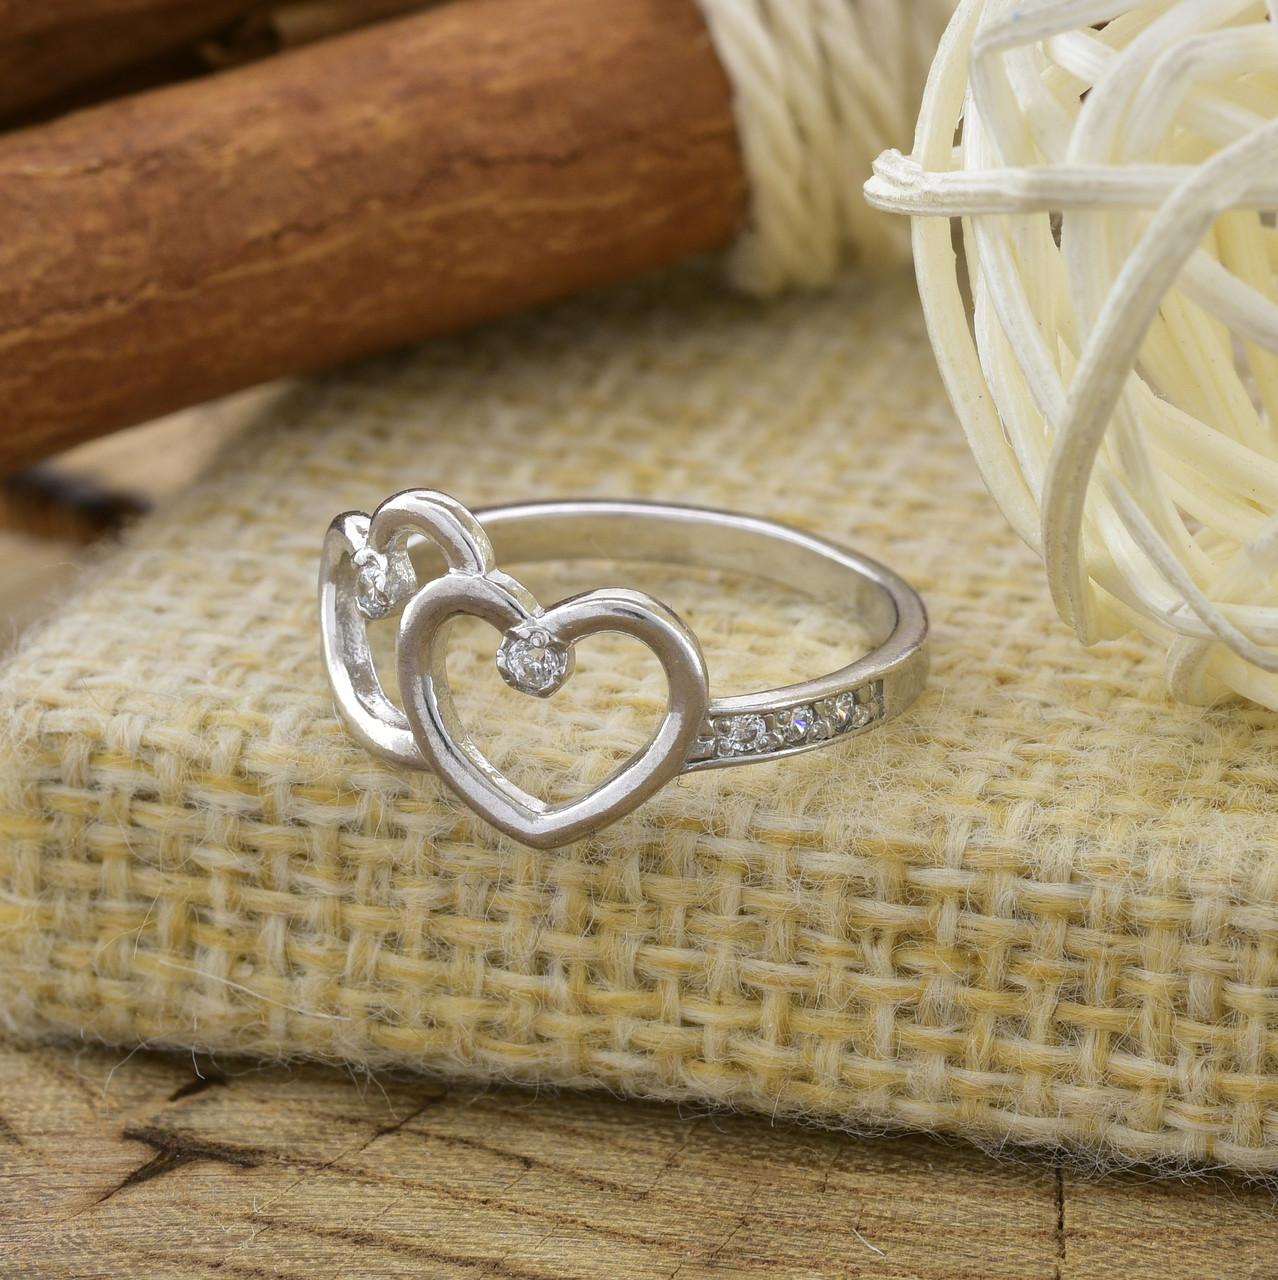 Серебряное кольцо Влюблённые сердца вставка белые фианиты вес 1.4 г размер 18.5